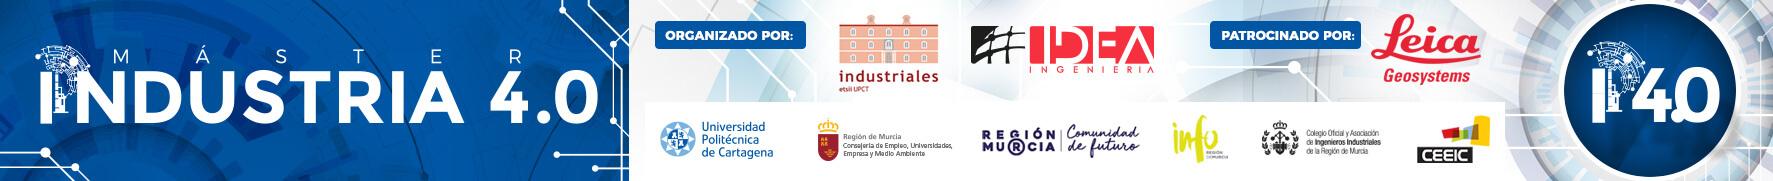 Máster Industria 4.0 - Universidad Politécnica de Cartagena